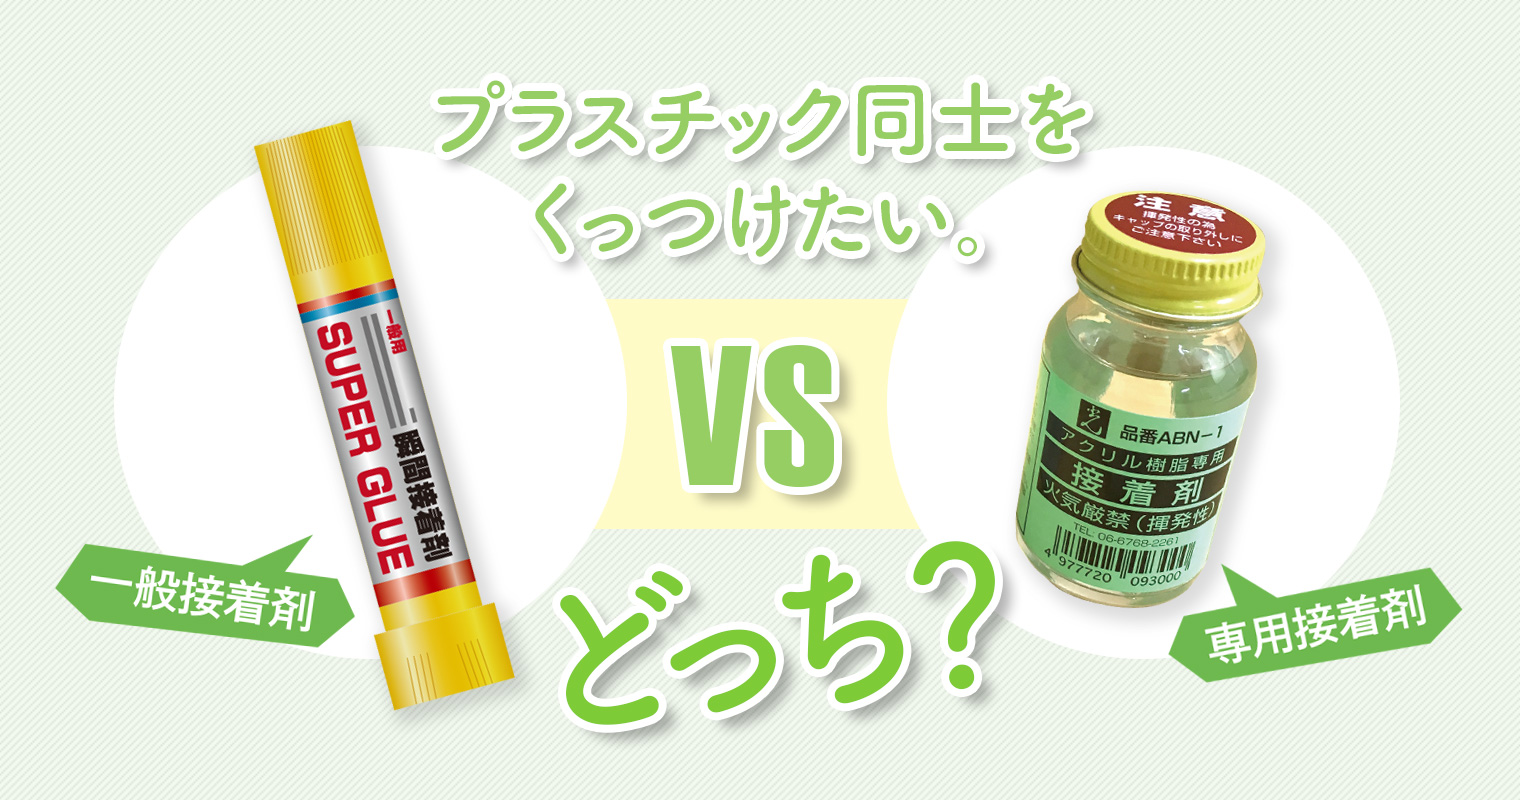 プラスチック同士をくっつけたい。一般接着剤VS専用接着剤、どっち?